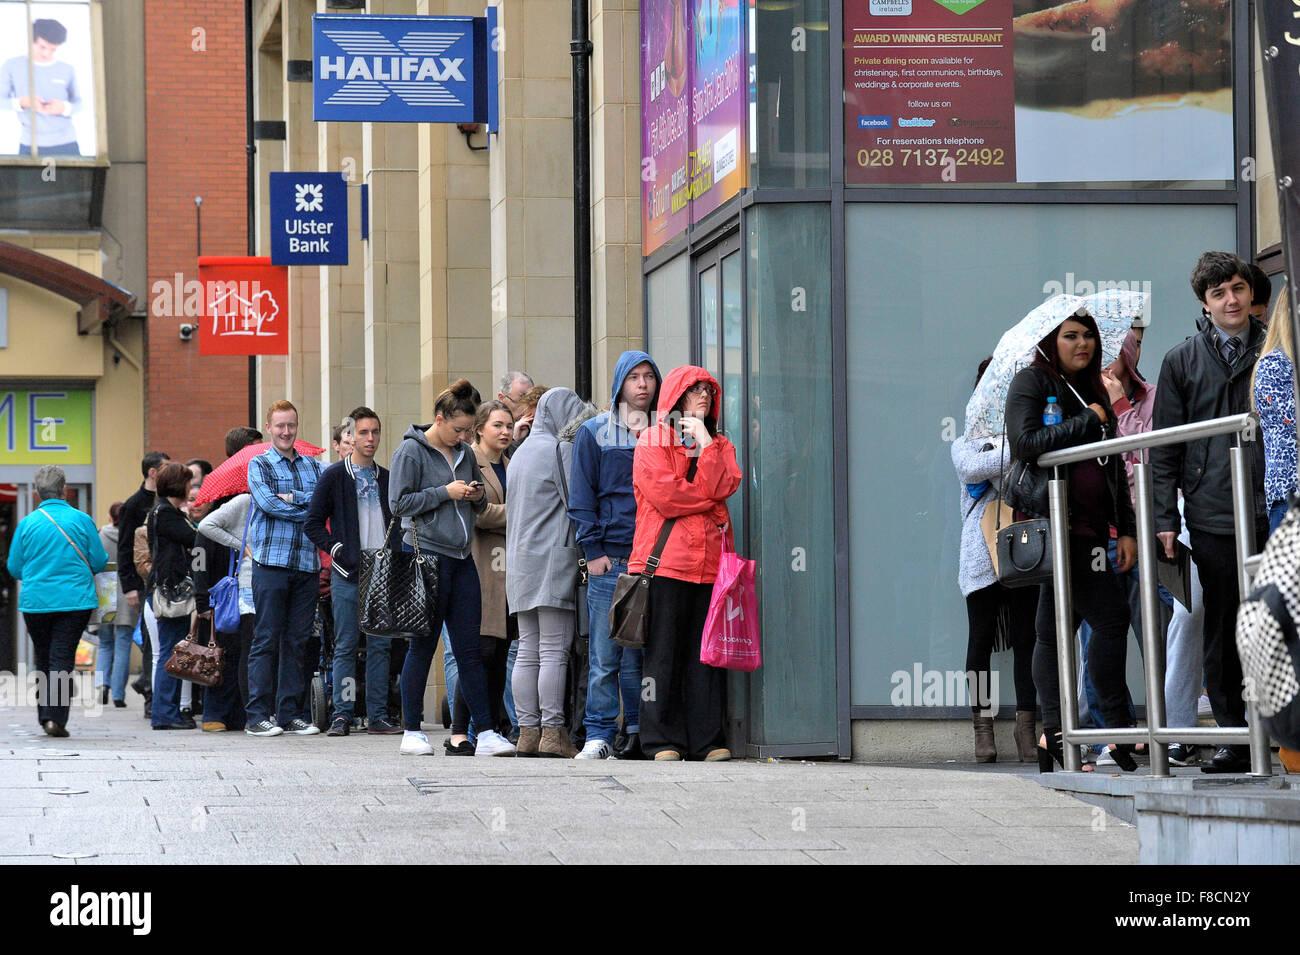 L'extérieur d'attente sans emploi job fair à Londonderry, en Irlande du Nord Photo Stock